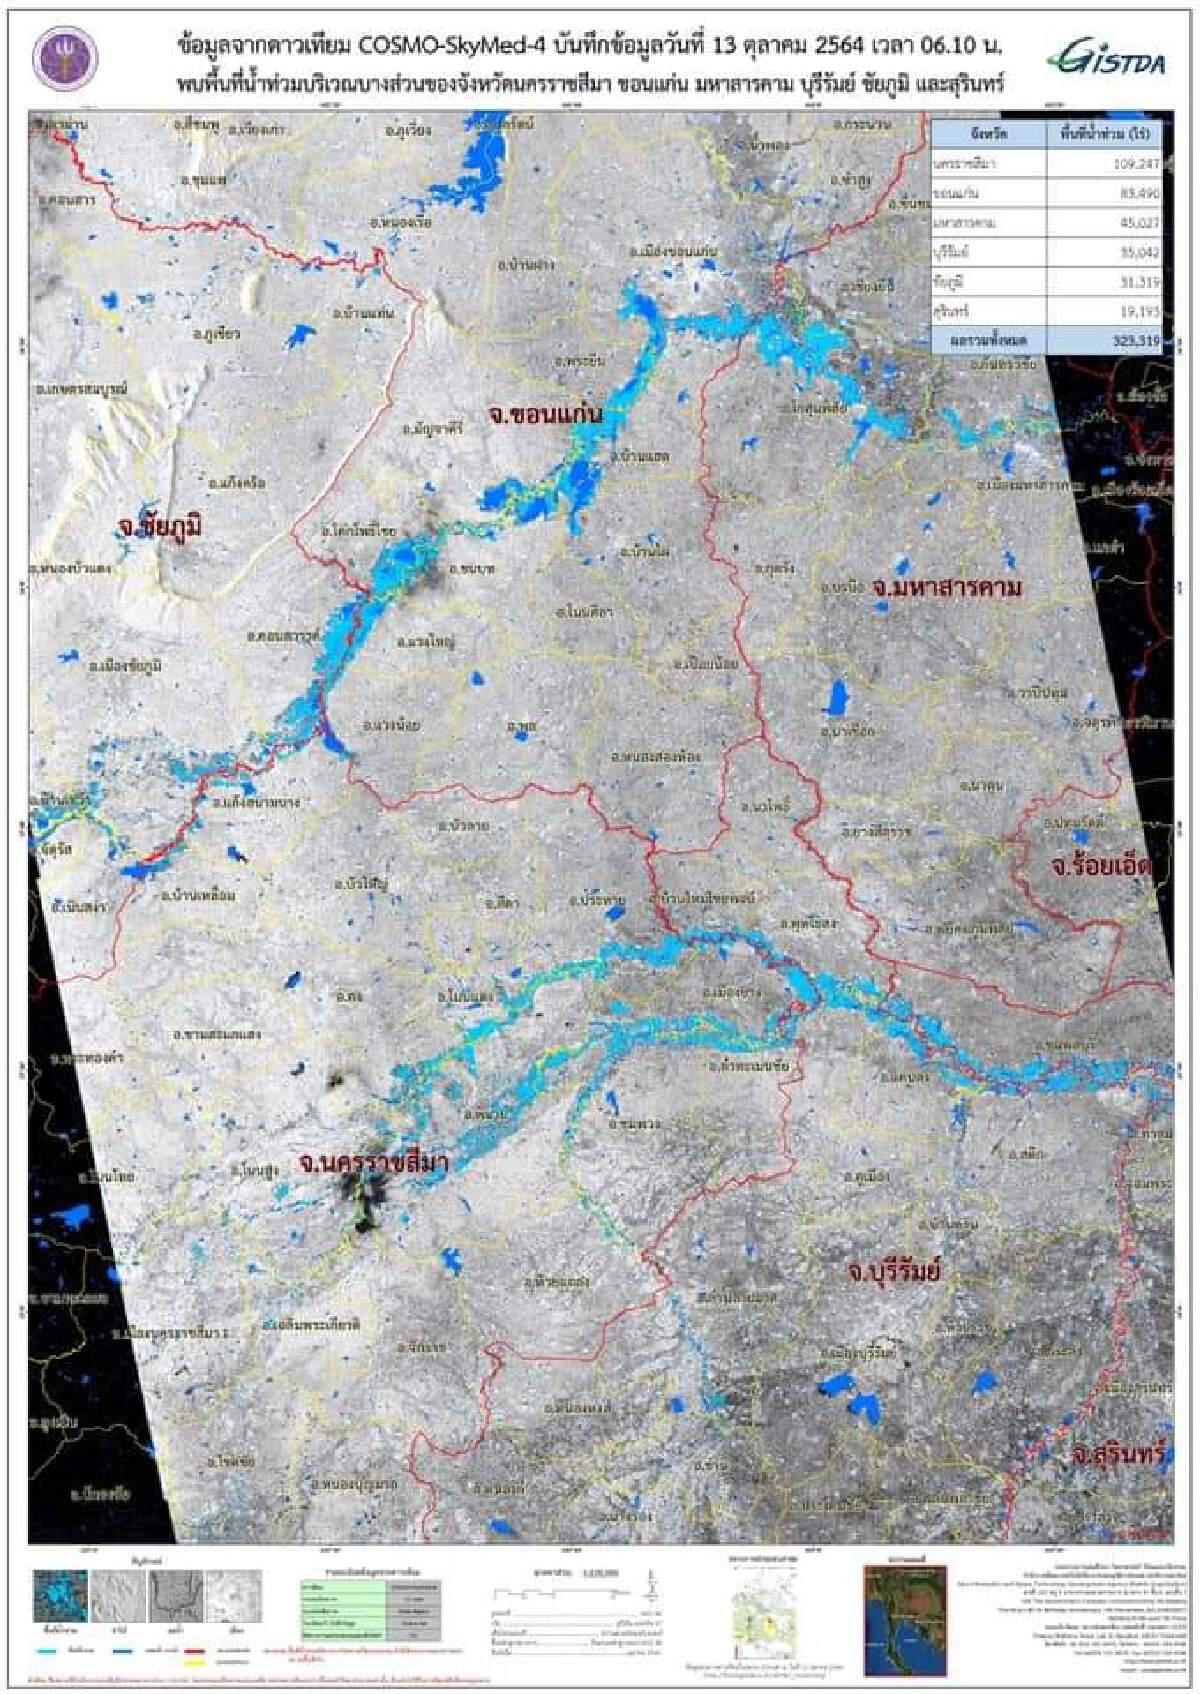 GISTDA เปิดภาพน้ำท่วมขัง 6 จังหวัดภาคตะวันออกเฉียงเหนือ กว่า 1.2 ล้านไร่